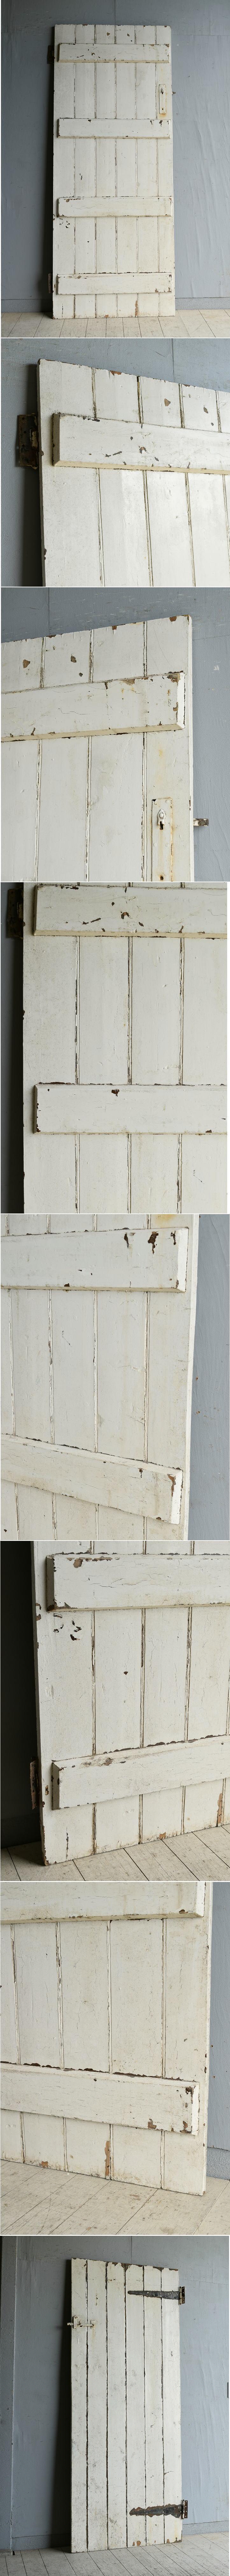 イギリス アンティーク ドア 扉 建具 8343